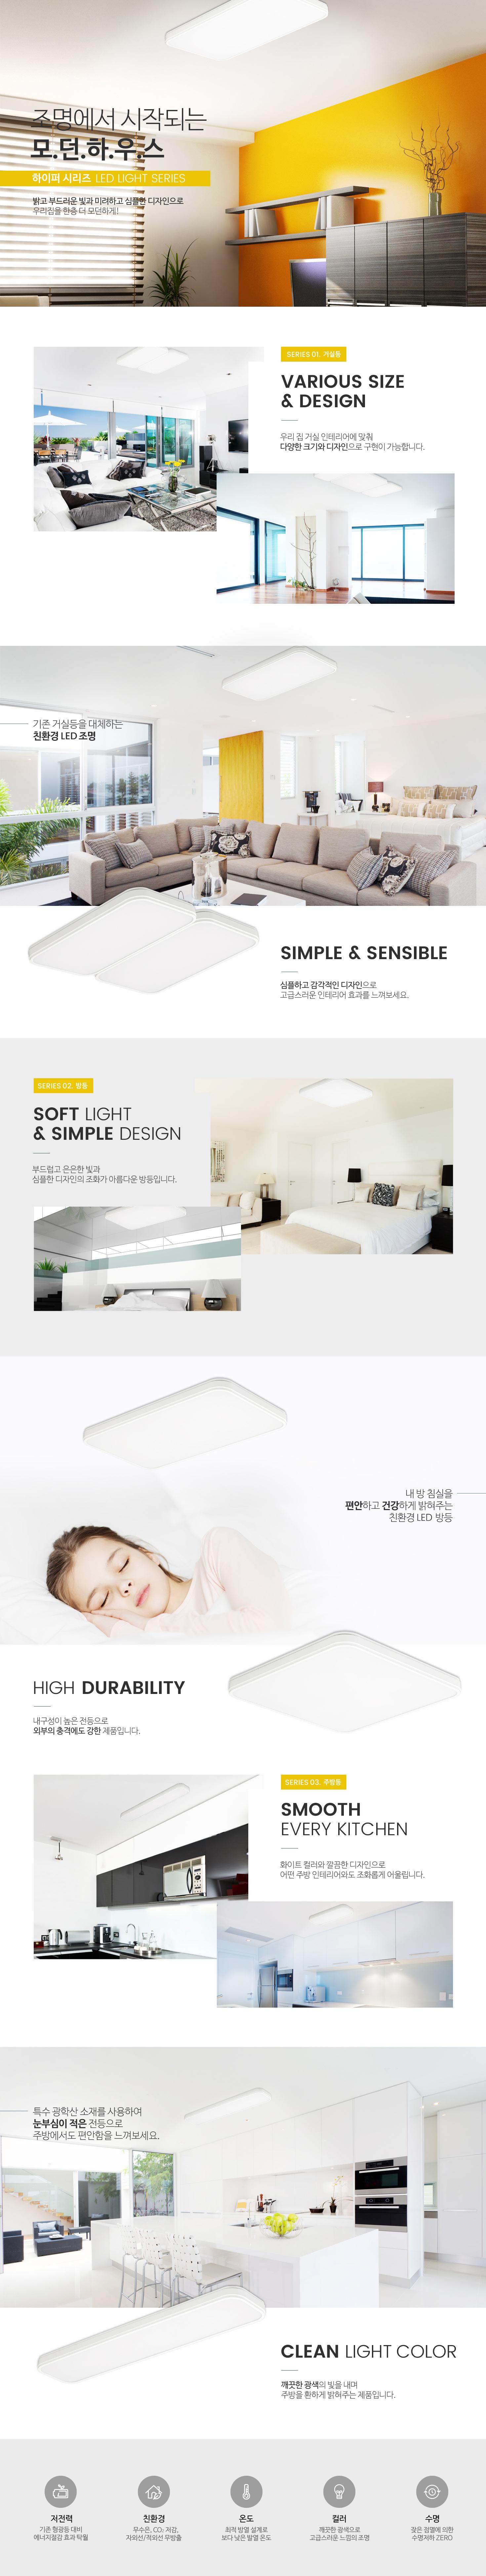 light_detail_06.jpg